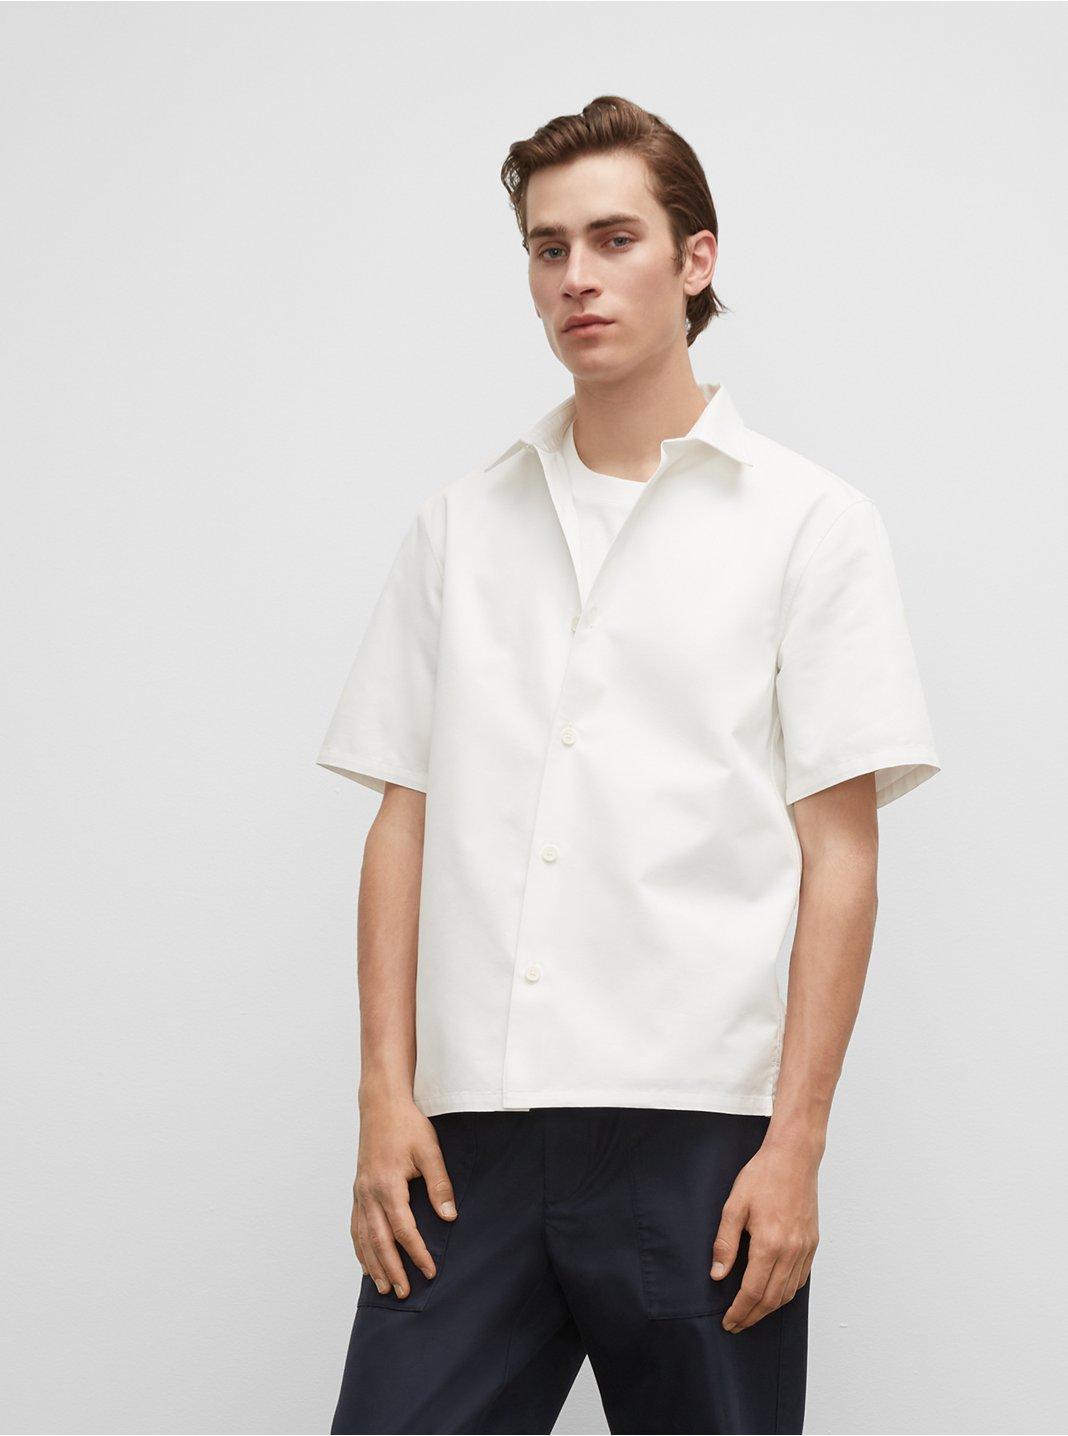 Short Sleeve Standard Shirt